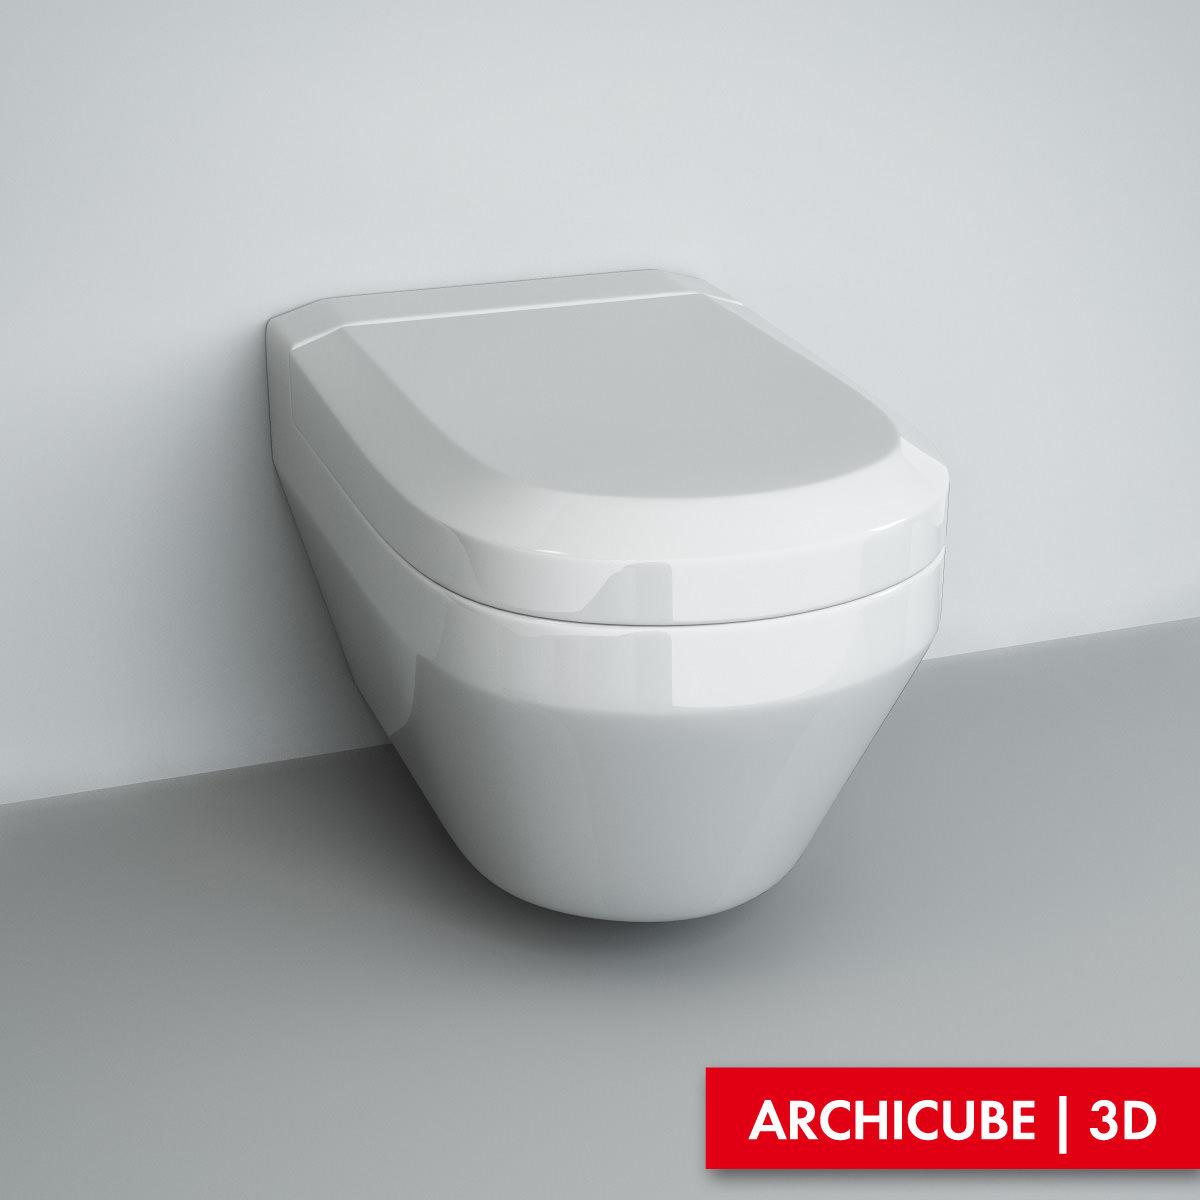 Wall mounted wc 3d model max obj fbx - Wc model ...